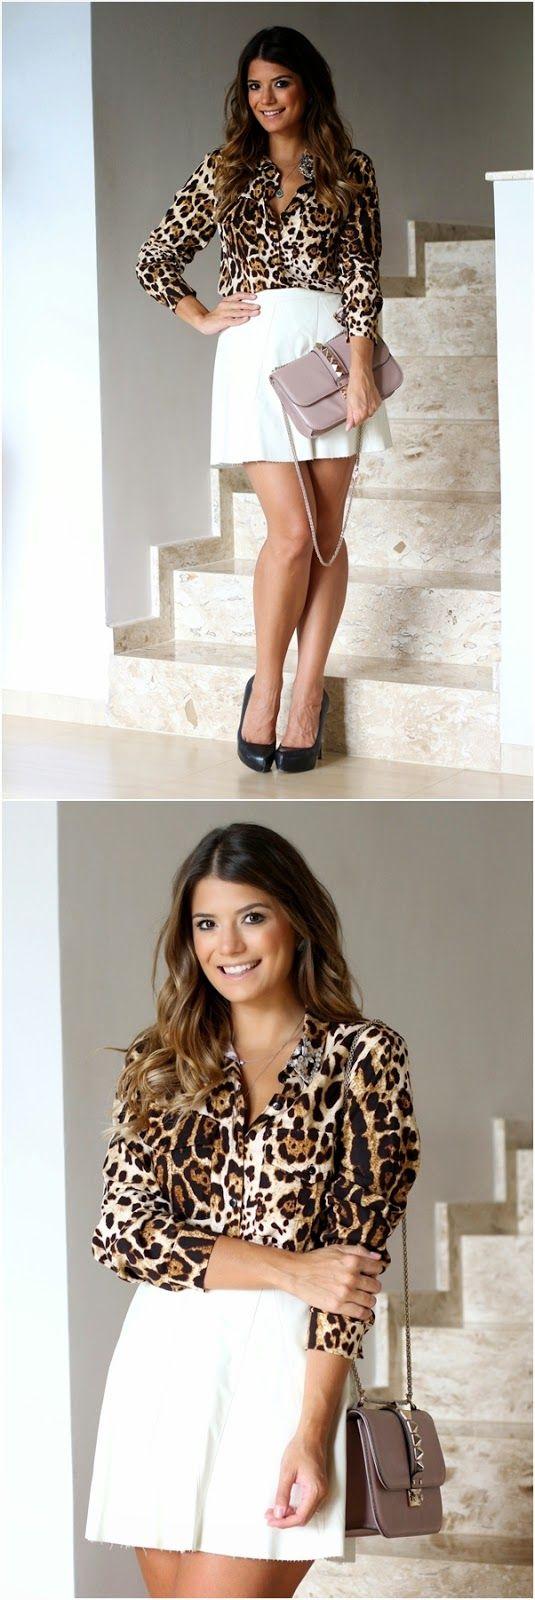 Meu look - Camisa    por Ariane Cânovas | Trend alert       - http://modatrade.com.br/meu-look-camisa